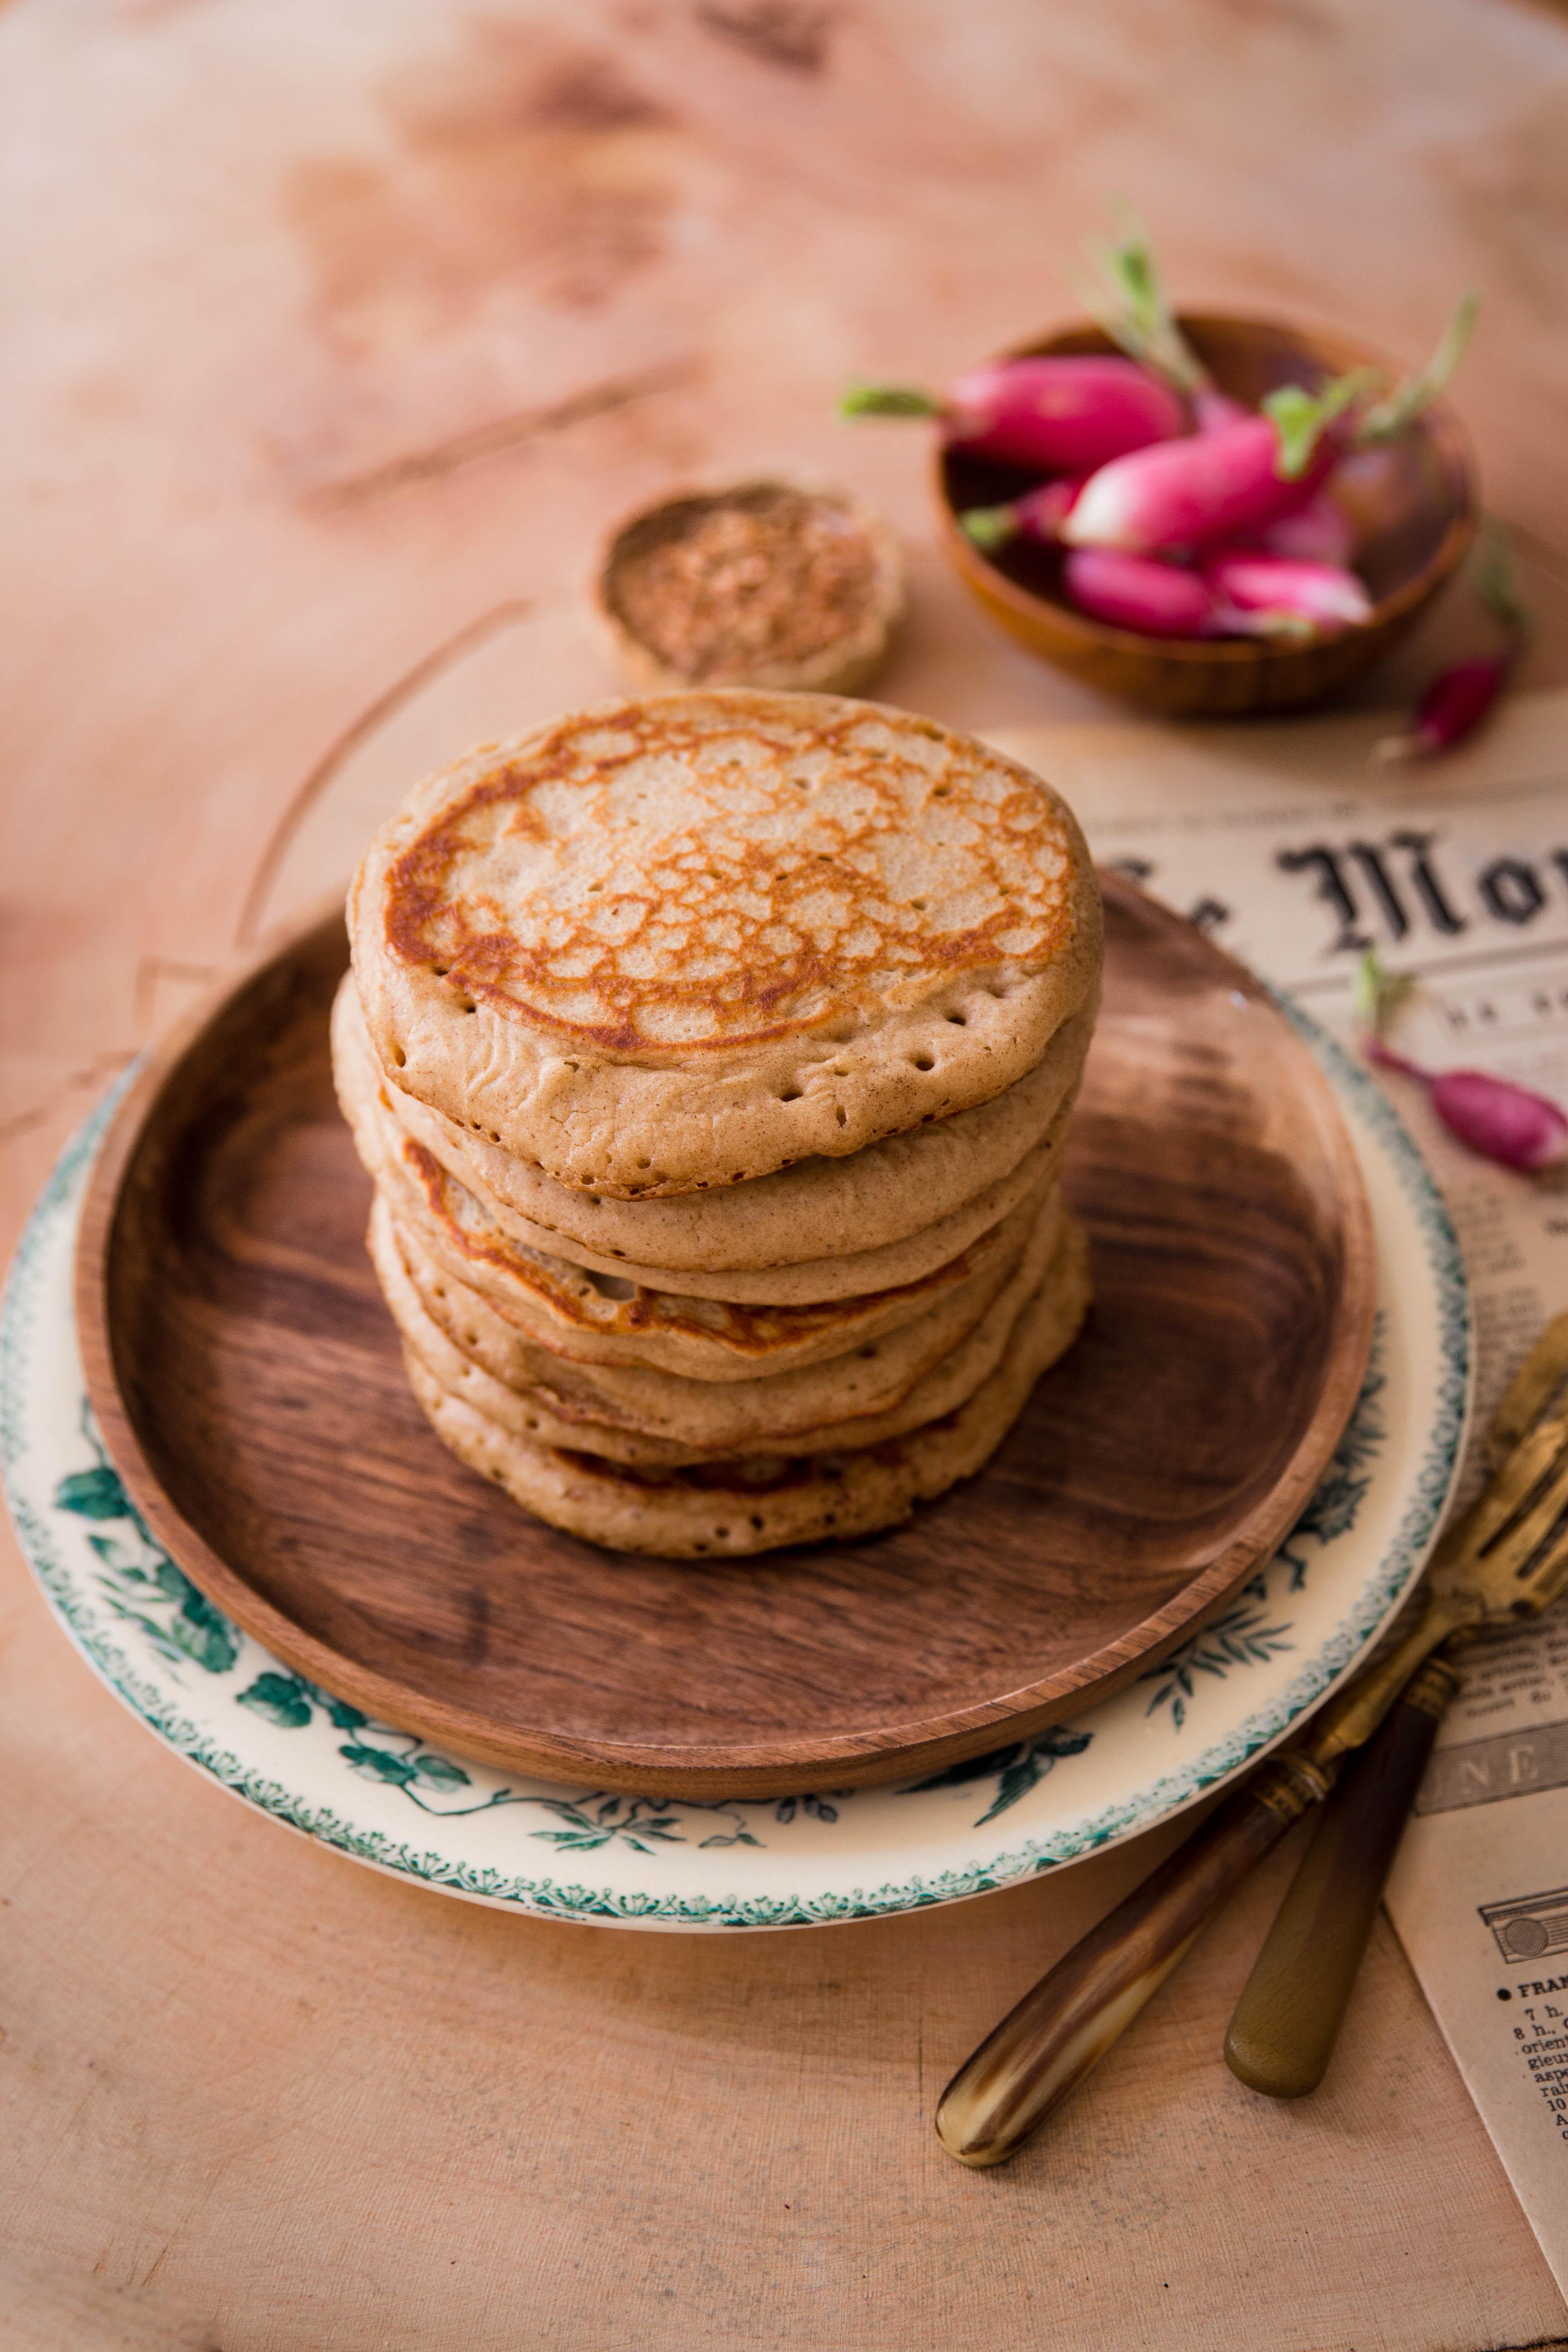 Pancakes au sarrasin, fromage de chèvre frais, radis et petits pois - photography